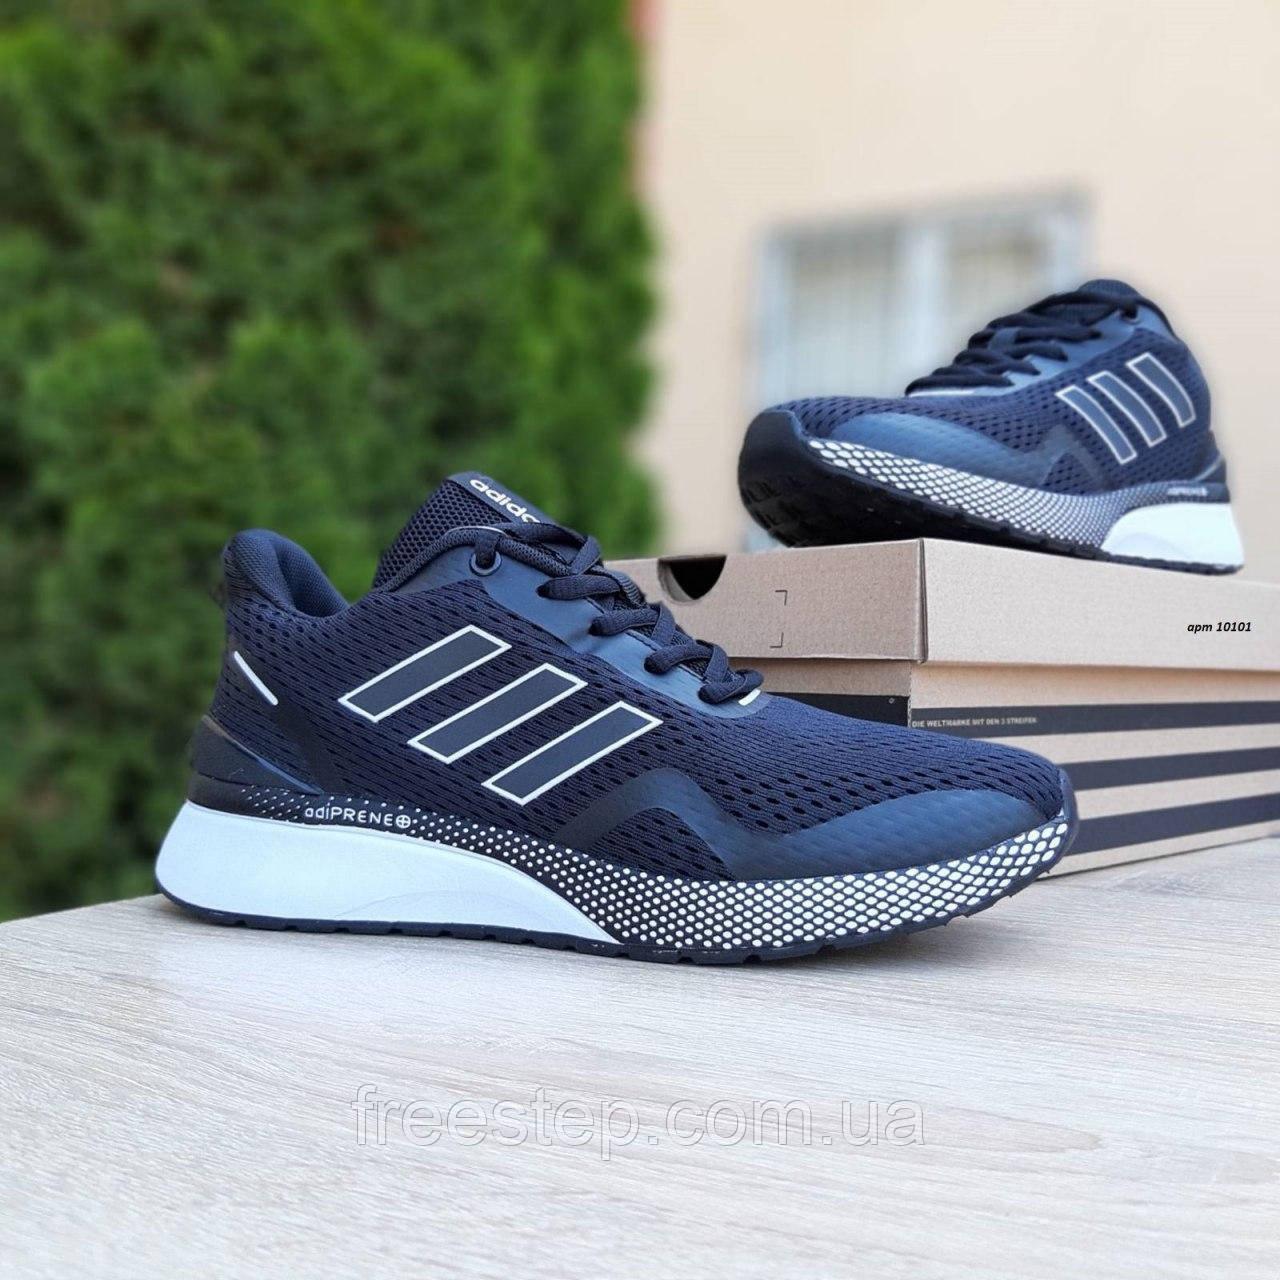 Чоловічі кросівки в стилі Adidas Nova Run чорні на білому